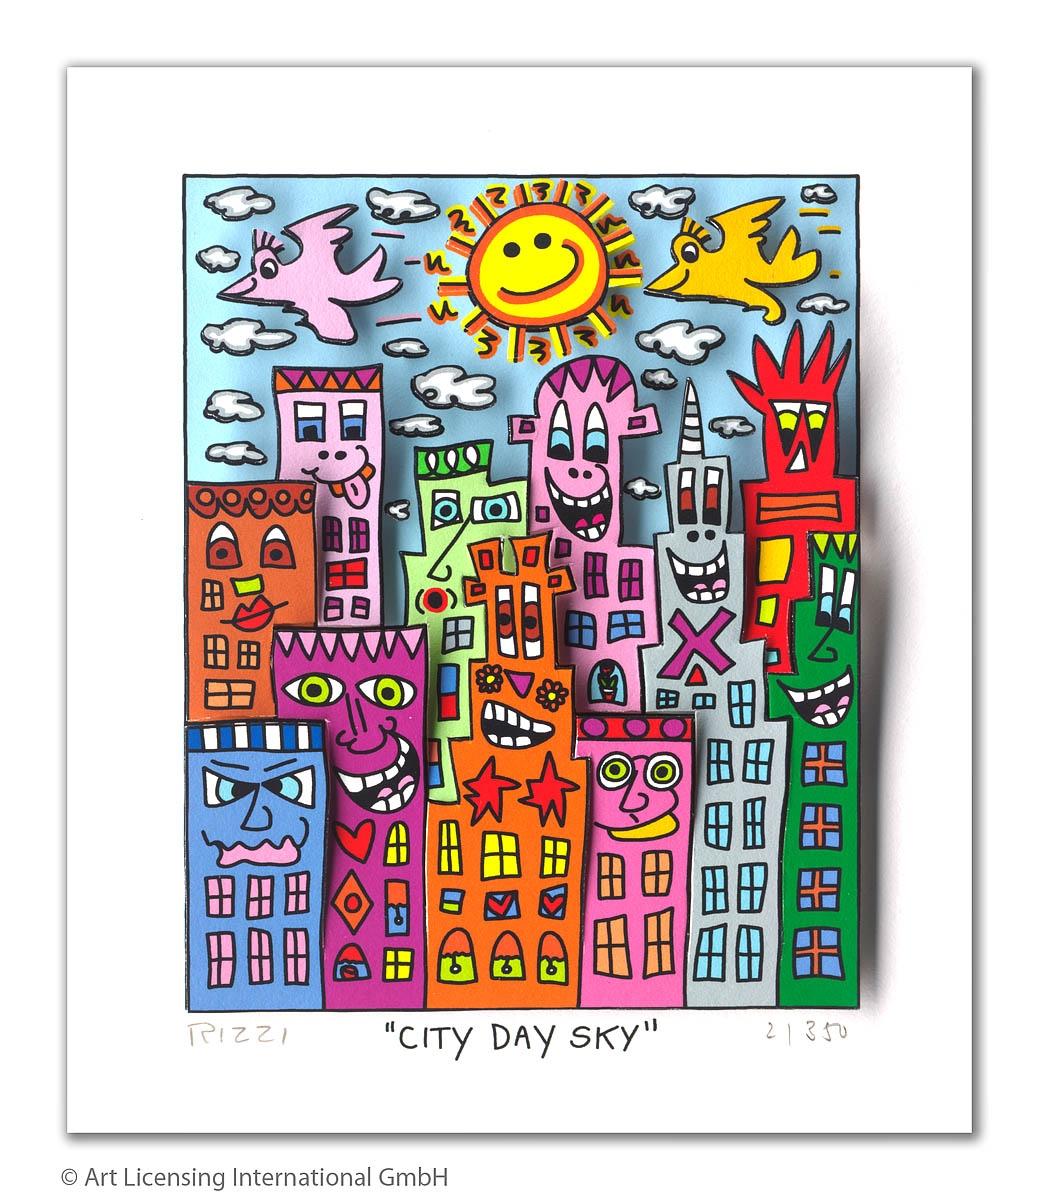 City Day Sky